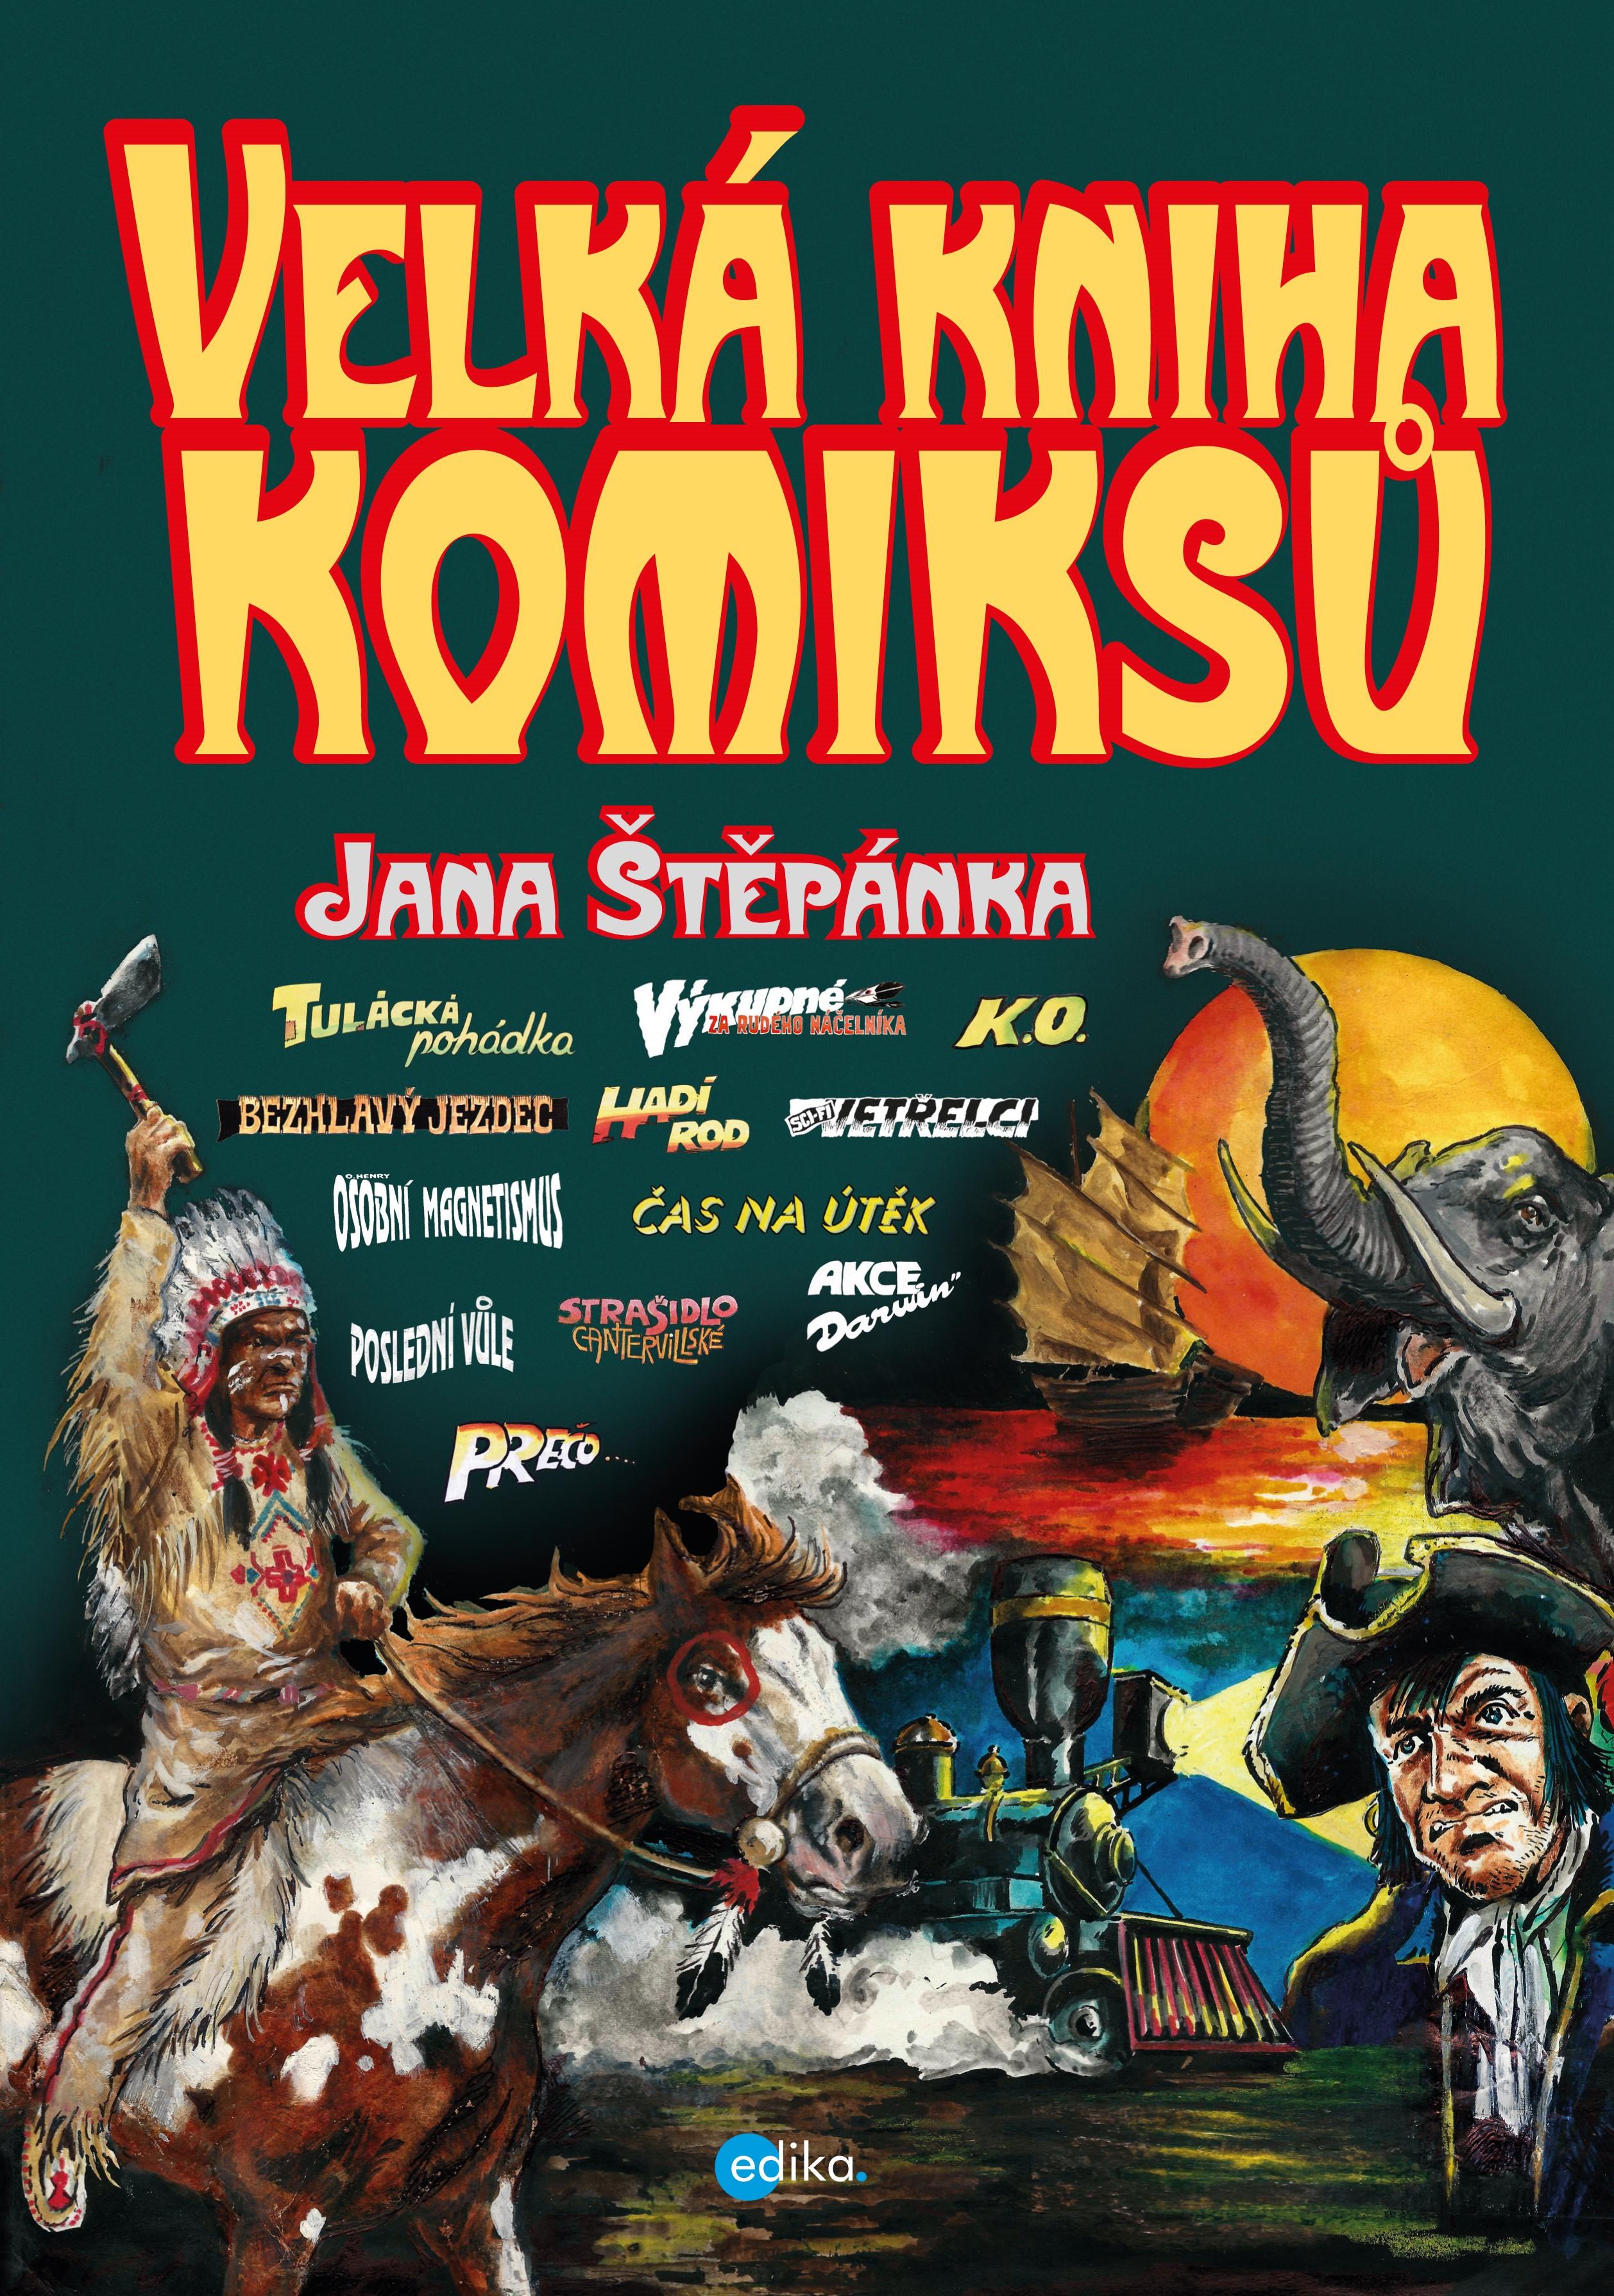 Velká kniha komiksů Jana Štěpánka | Jan Štěpánek, Jan Štěpánek